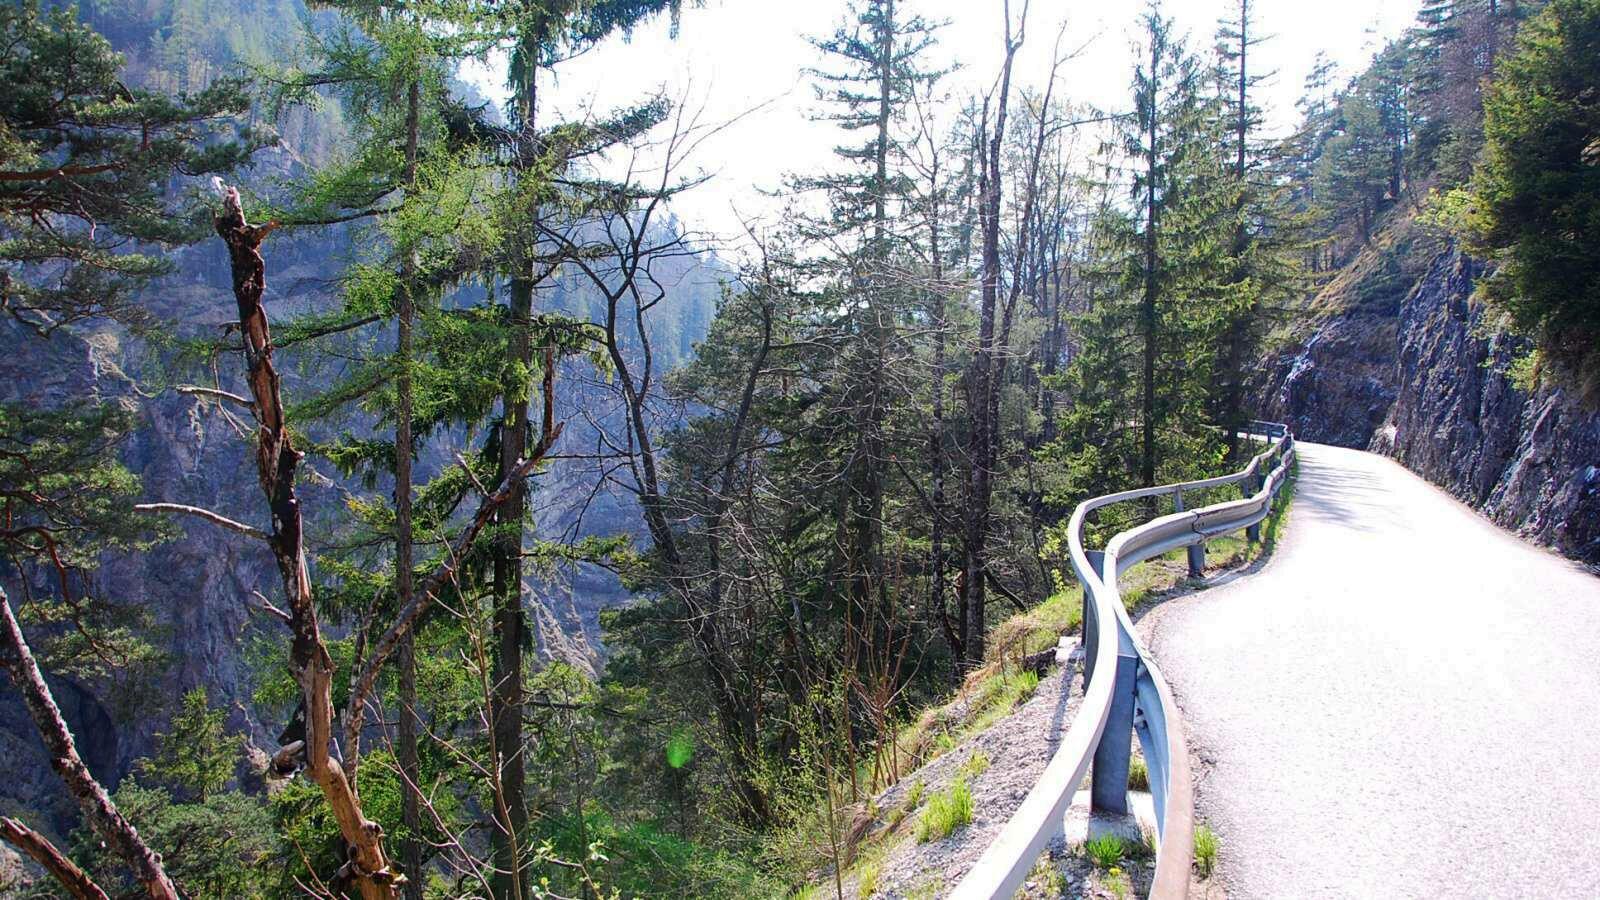 Úzká silnice lesem nad propastí